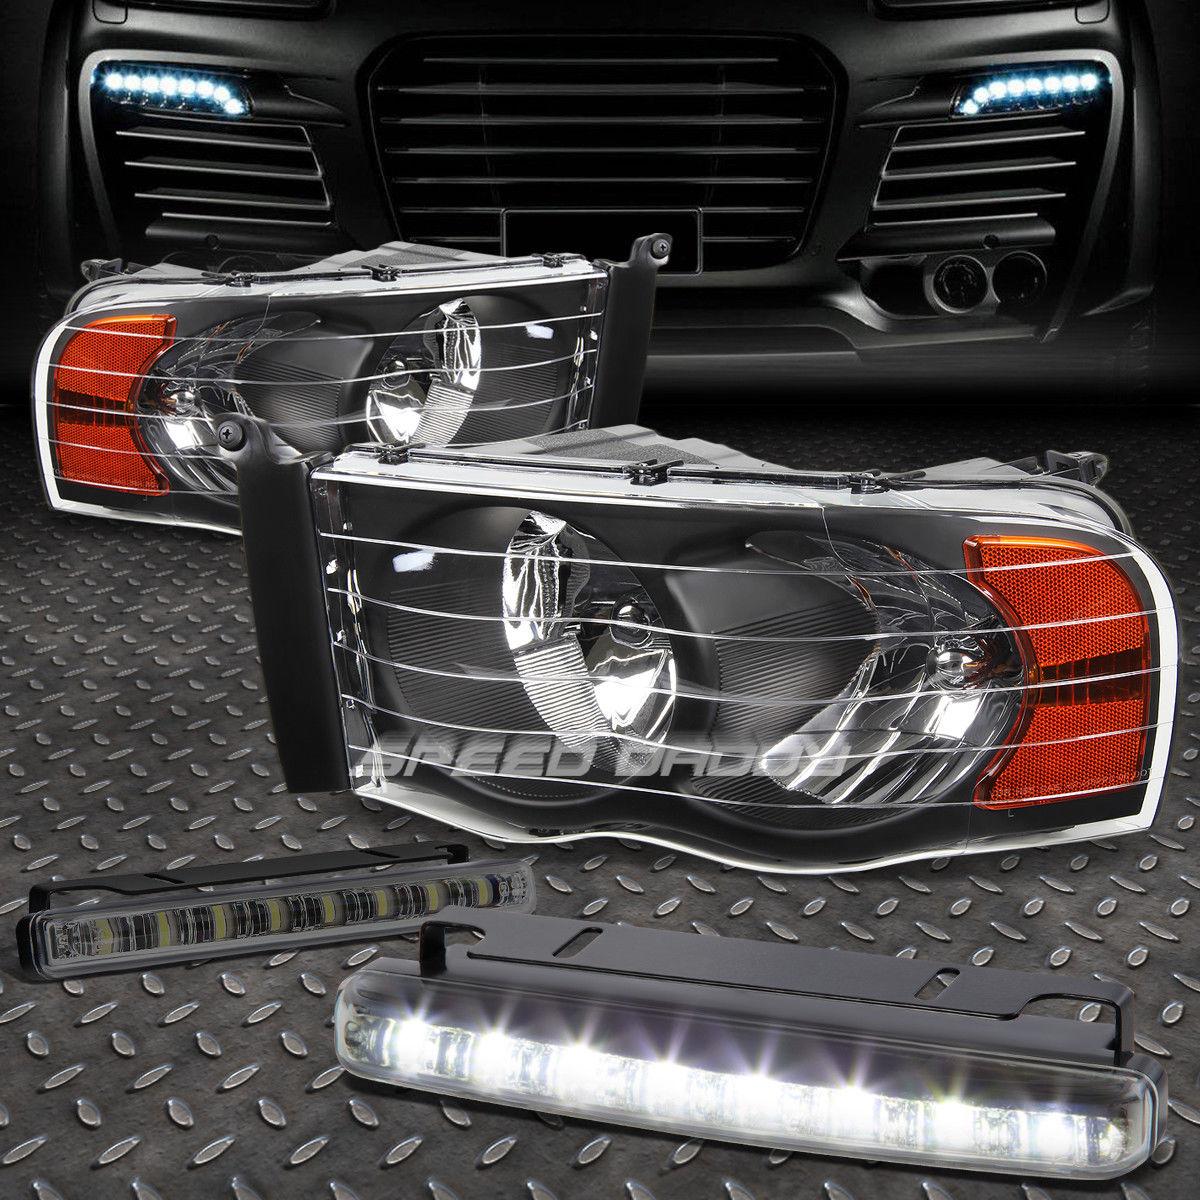 フォグライト BLACK HOUSING HEADLIGHT AMBER CORNER+8 LED SMOKE FOG LIGHT FOR 02-05 DODGE RAM ブラックハウジングヘッドライトアンバーコーナー+ 8個のLED煙霧ライト02-05ダッジRAM用